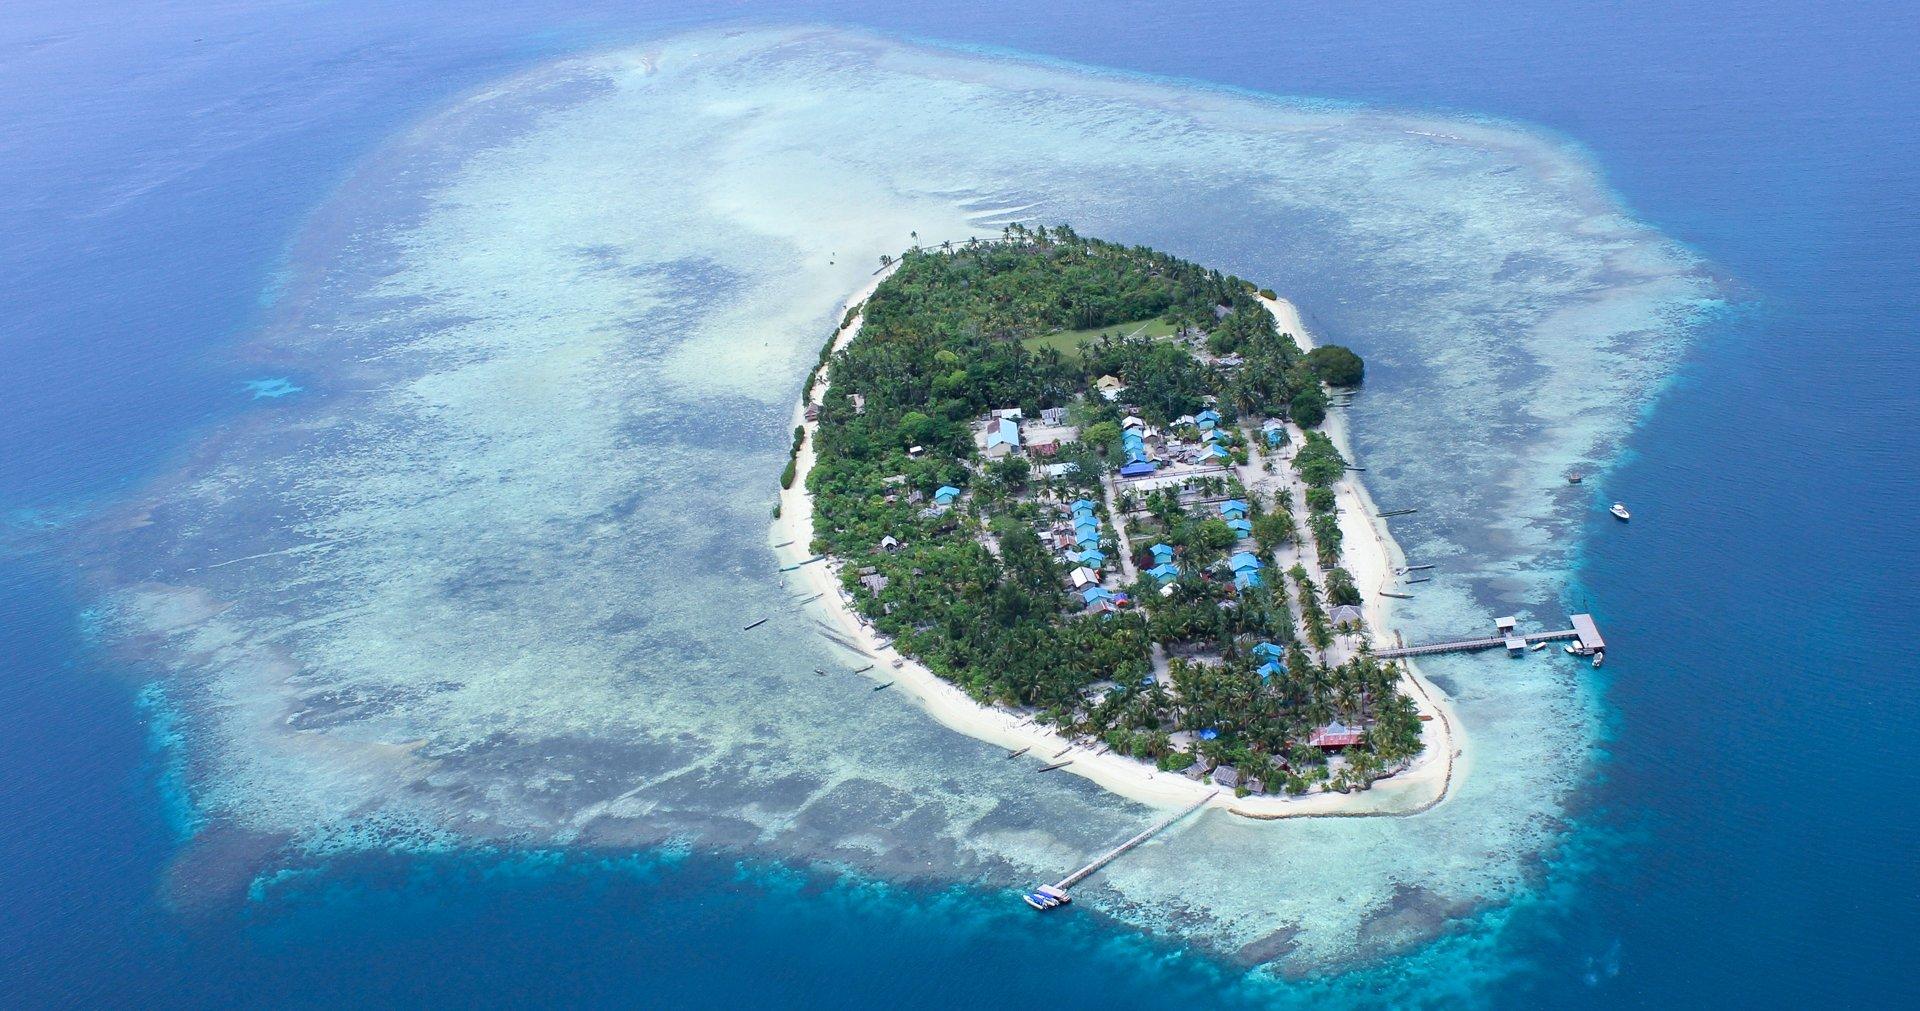 Arborek island